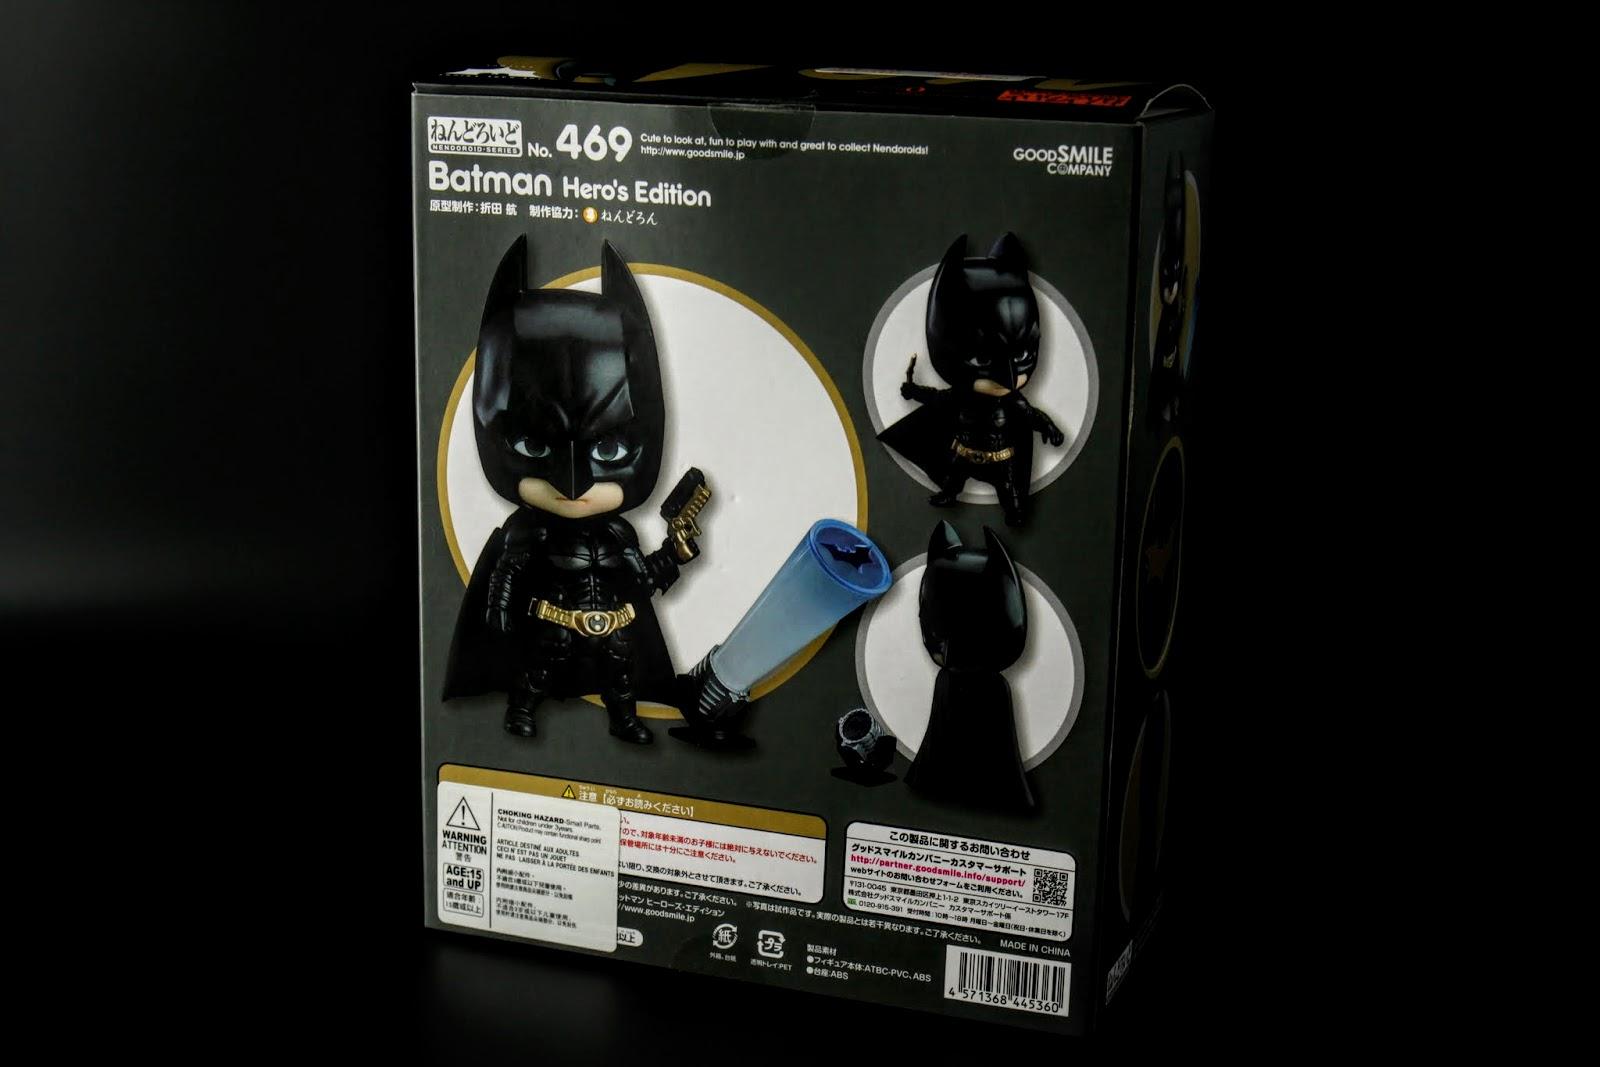 諾蘭電影版造型然後剛好遇到蝙蝠俠75周年